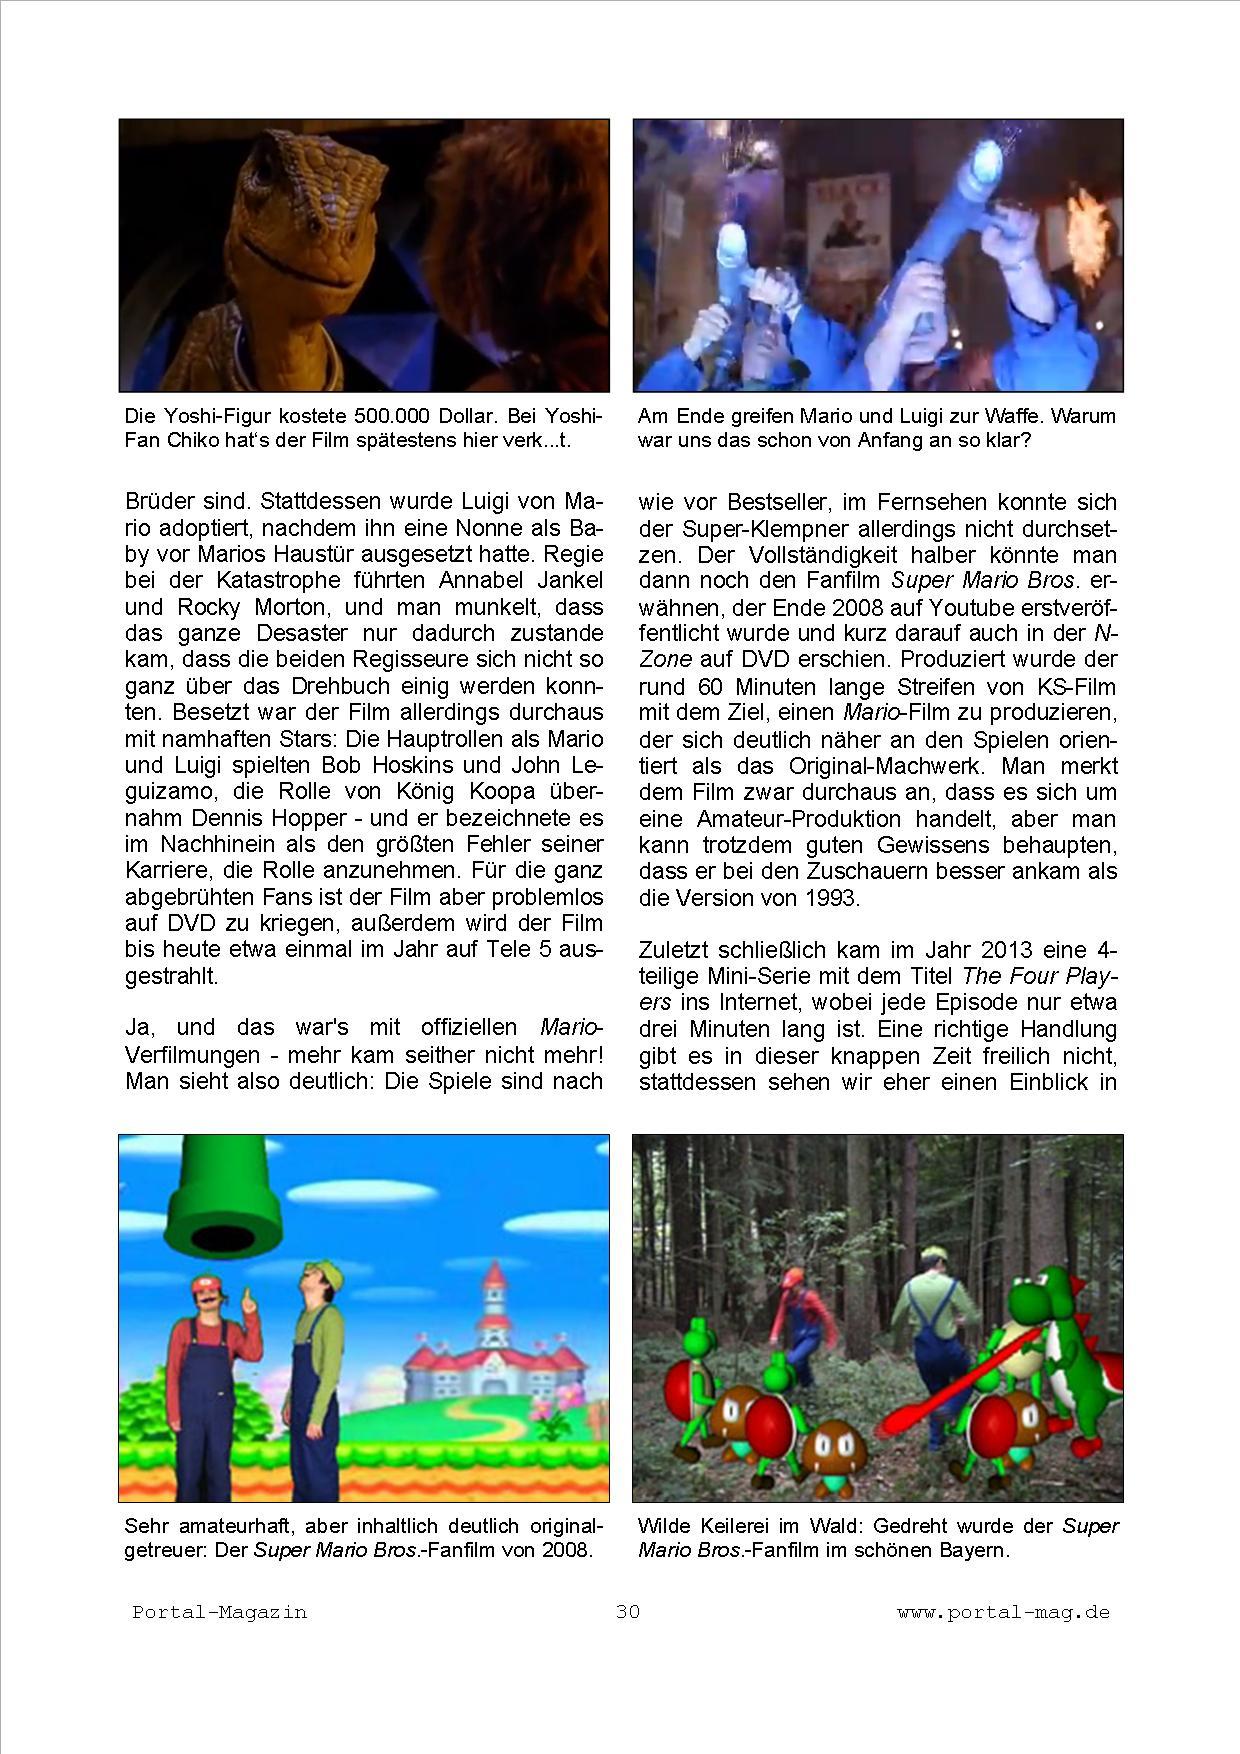 Ausgabe 26, Seite 30